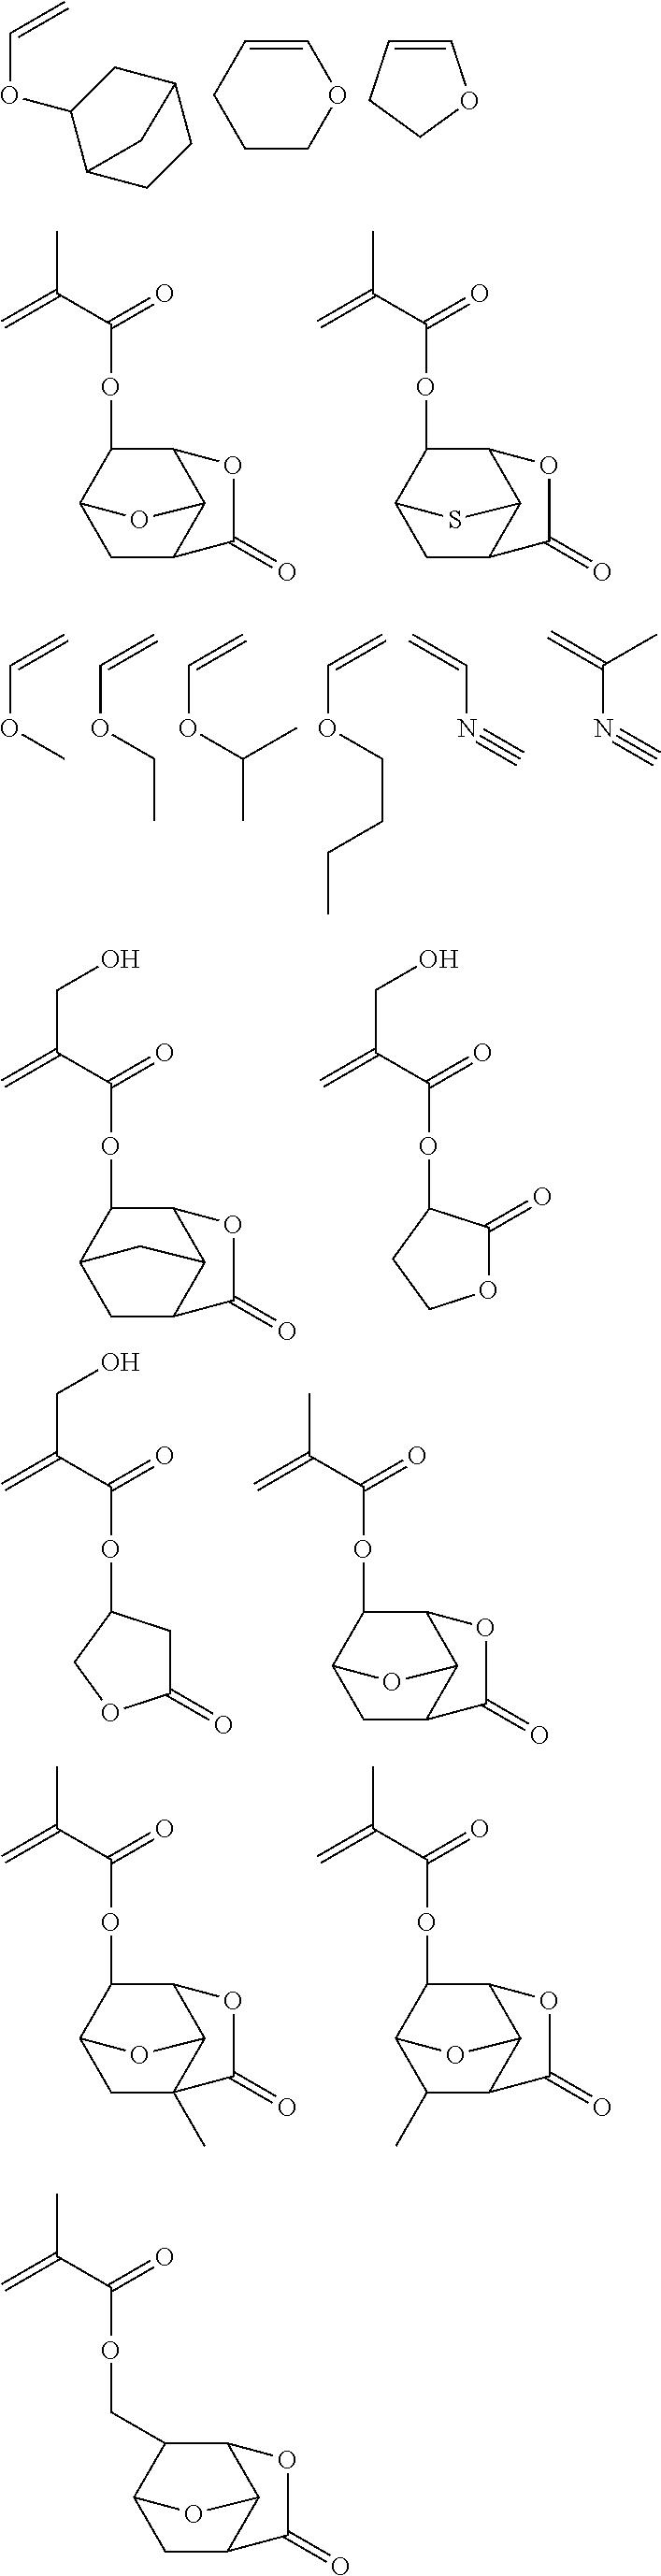 Figure US20110294070A1-20111201-C00038